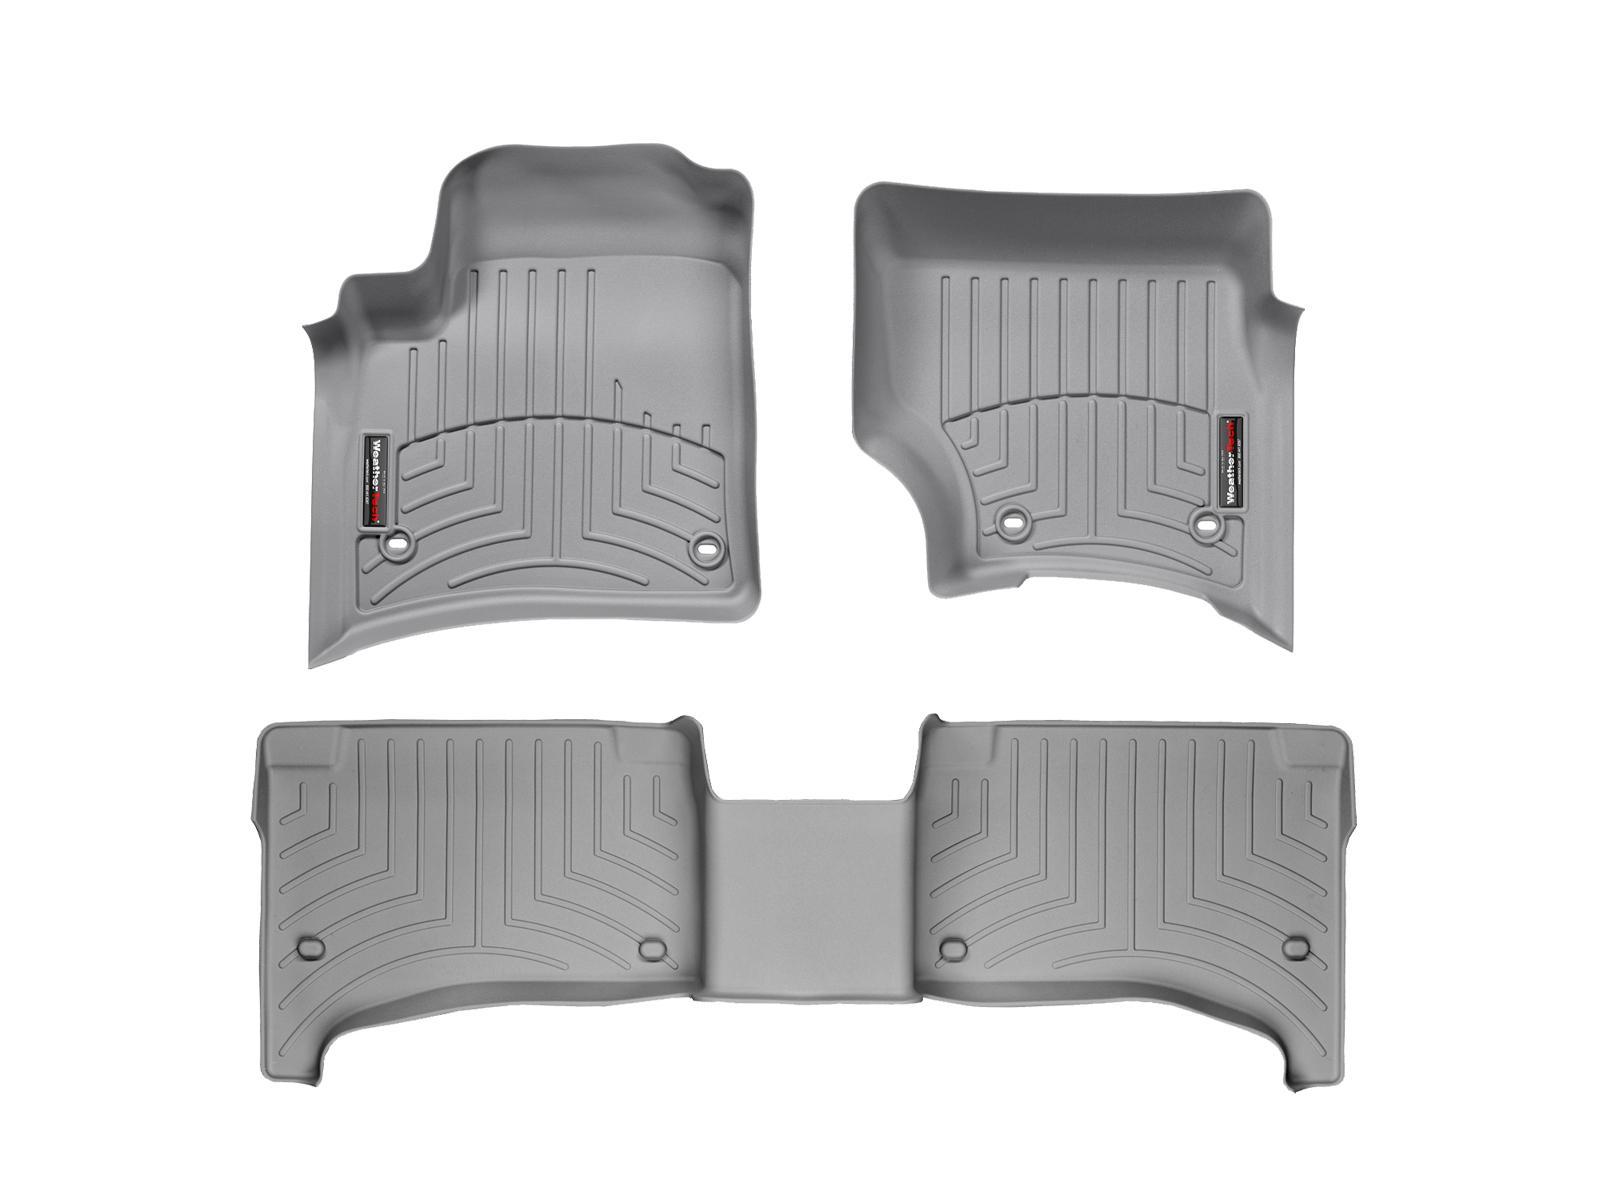 Tappeti gomma su misura bordo alto Volkswagen Touareg 07>08 Grigio A4288*